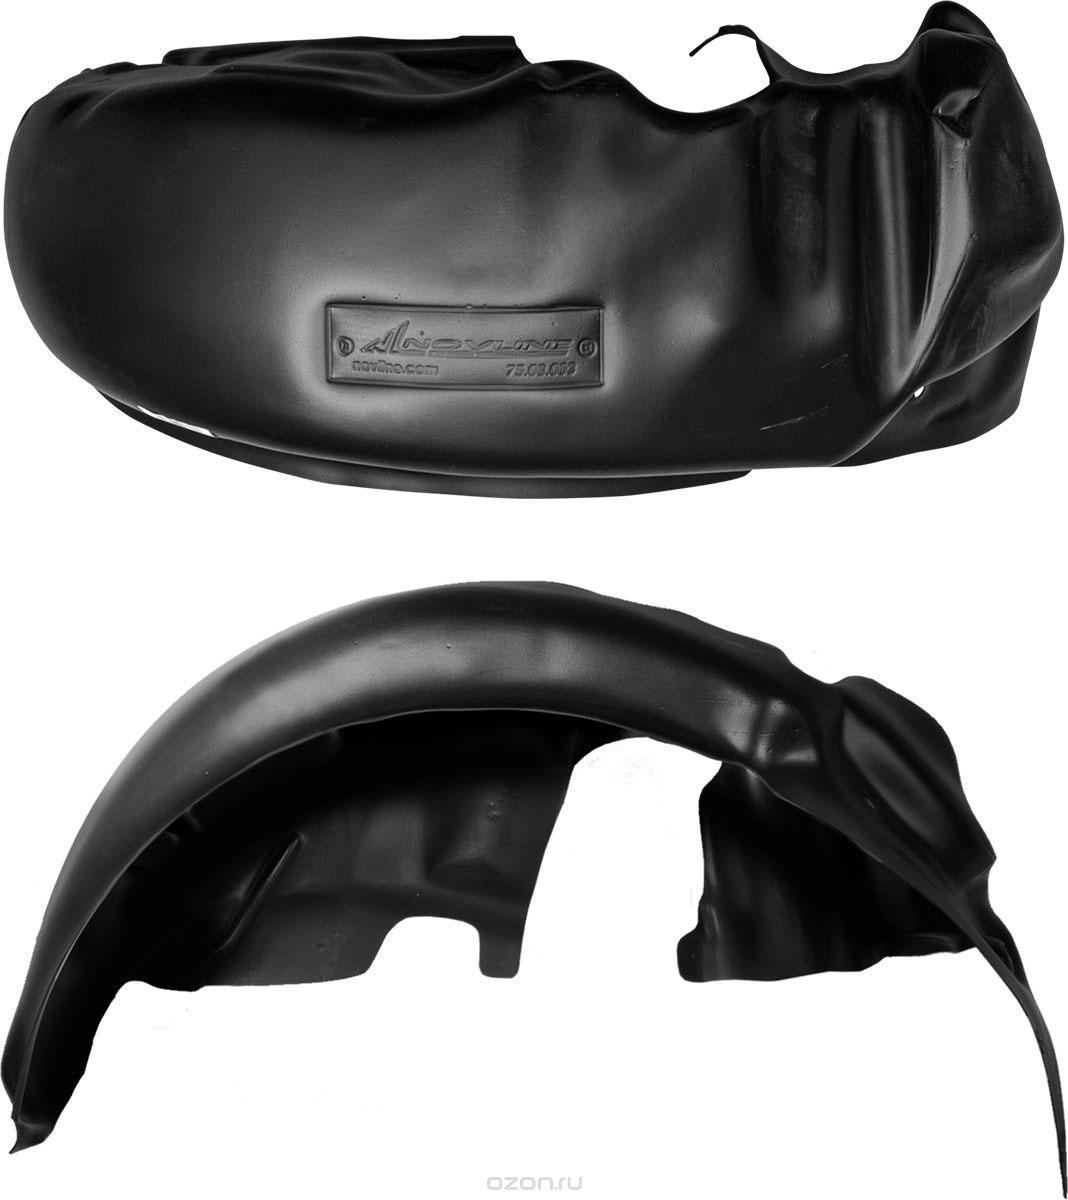 Подкрылок Novline-Autofamily, для TOYOTA Auris 03/2007-2013, передний левыйDW90Идеальная защита колесной ниши. Локеры разработаны с применением цифровых технологий, гарантируют максимальную повторяемость поверхности арки. Изделия устанавливаются без нарушения лакокрасочного покрытия автомобиля, каждый подкрылок комплектуется крепежом. Уважаемые клиенты, обращаем ваше внимание, что фотографии на подкрылки универсальные и не отражают реальную форму изделия. При этом само изделие идет точно под размер указанного автомобиля.